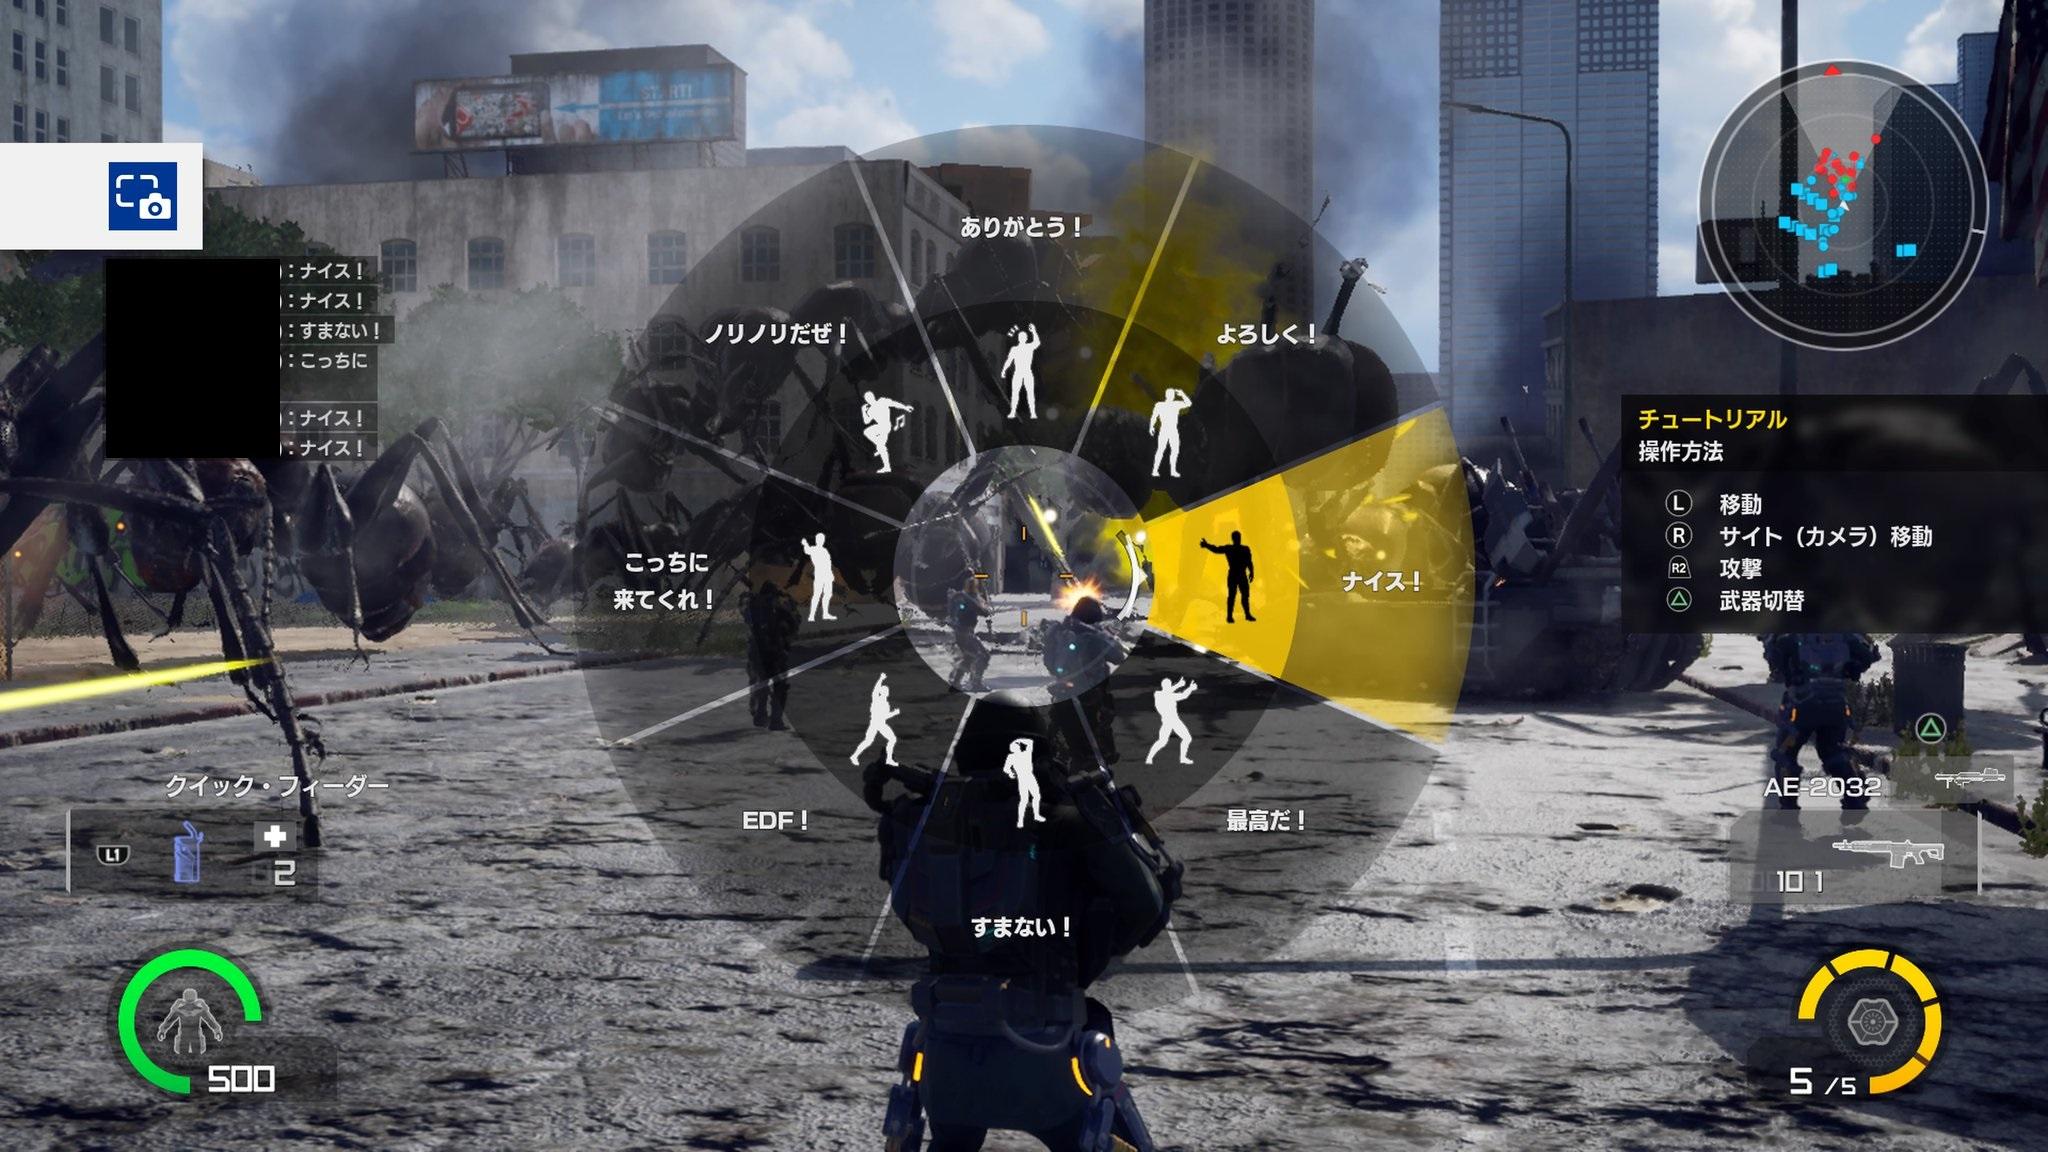 《地球防卫军:铁雨》提前一天偷跑 首日补丁对应繁体字